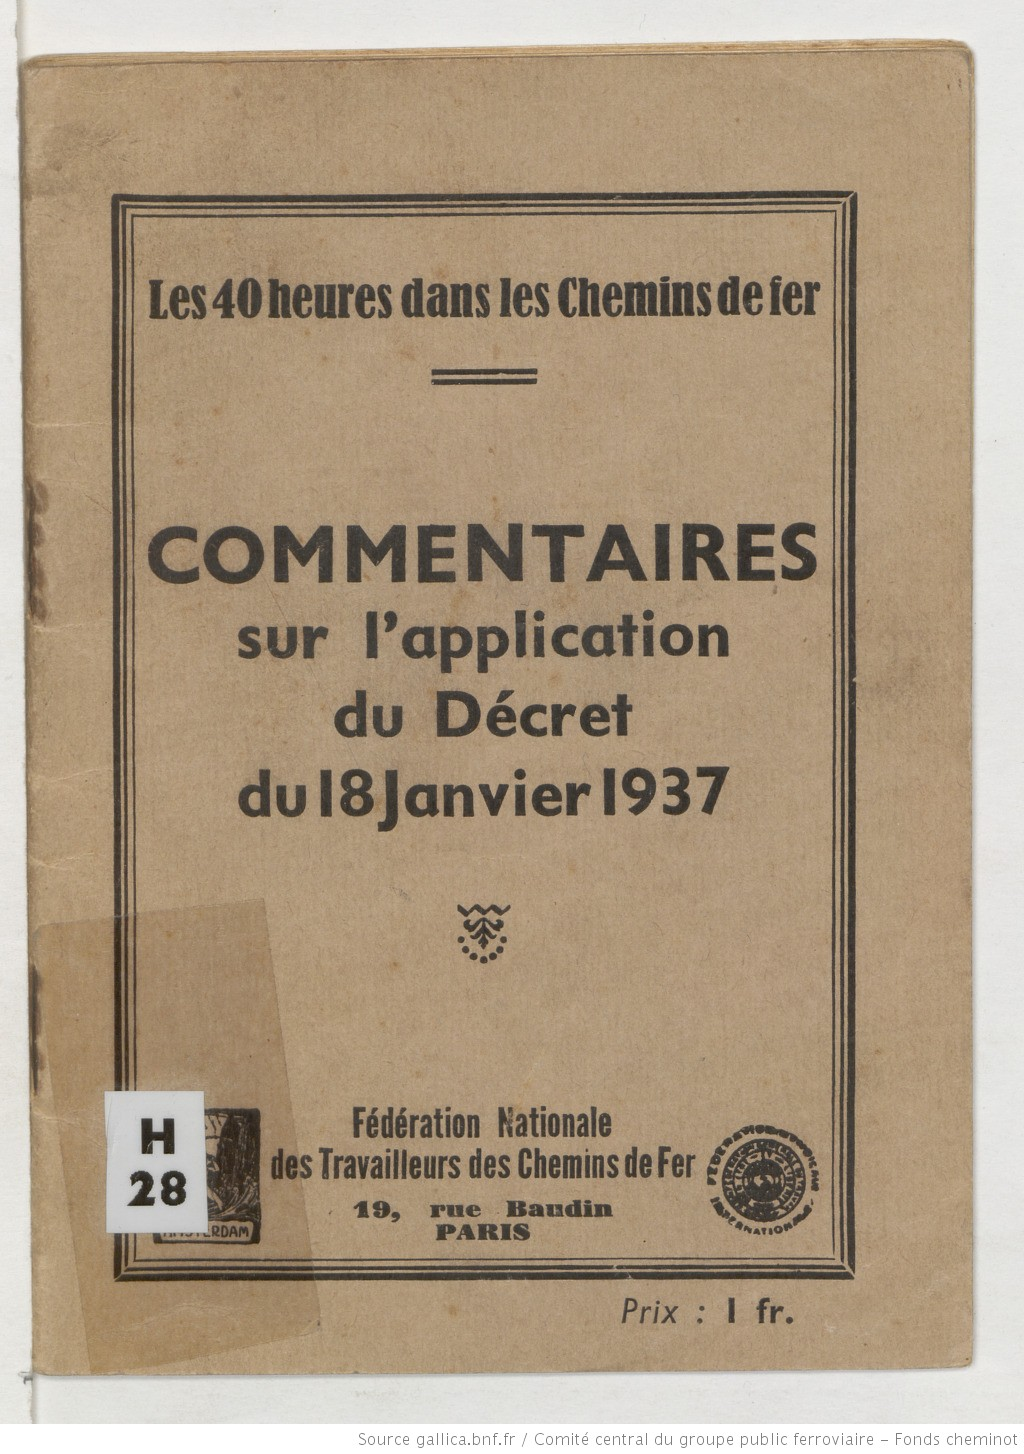 Les 40 heures dans les chemins de fer : commentaires sur l'application du décret du 18 janvier 1937